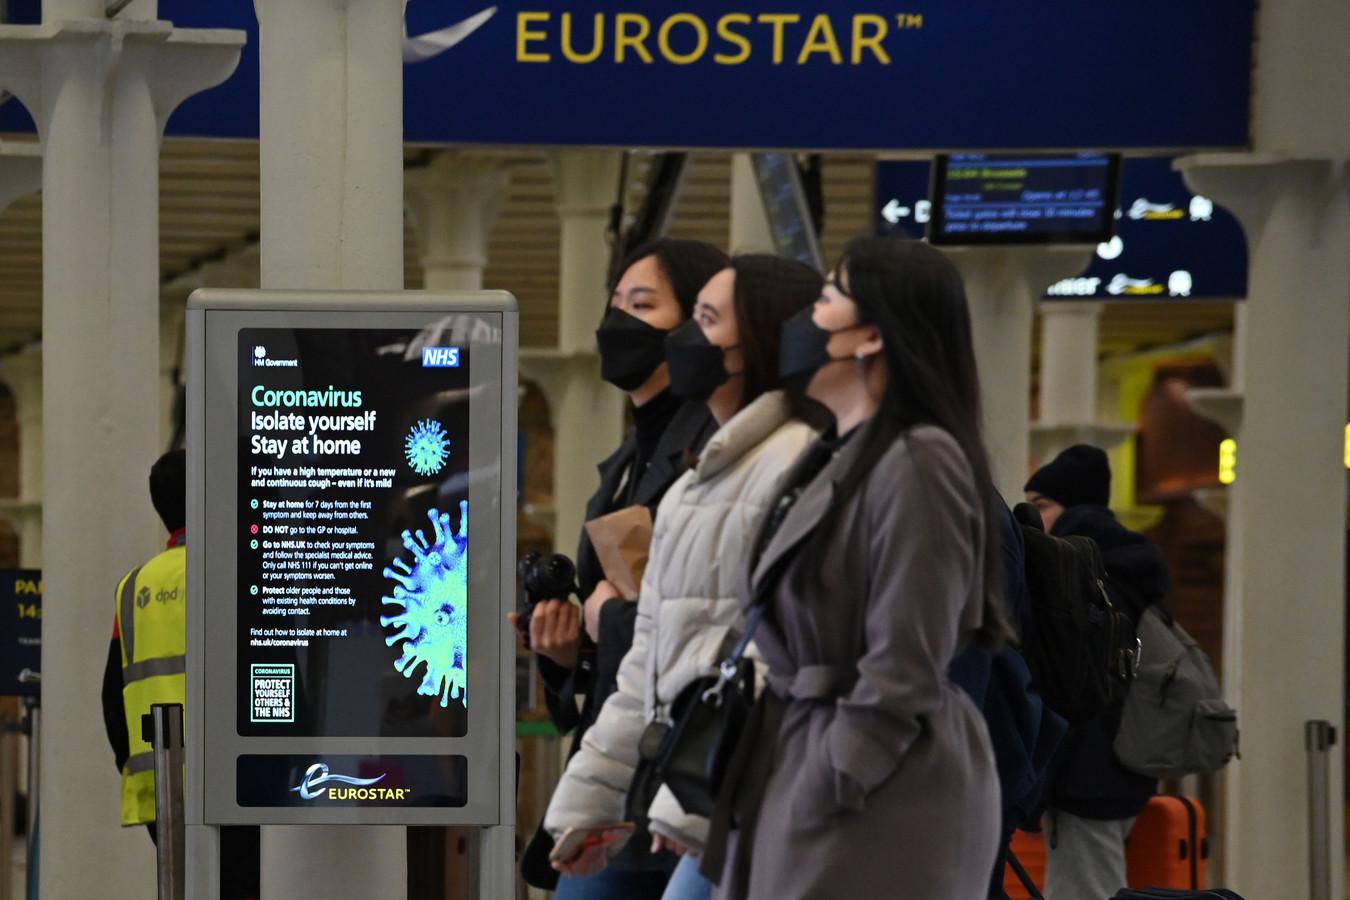 Met gezichtsmaskers op lopen mensen in Eurostar terminal in Londen langs een bord dat hen het advies geeft thuis te blijven. (Foto AFP)